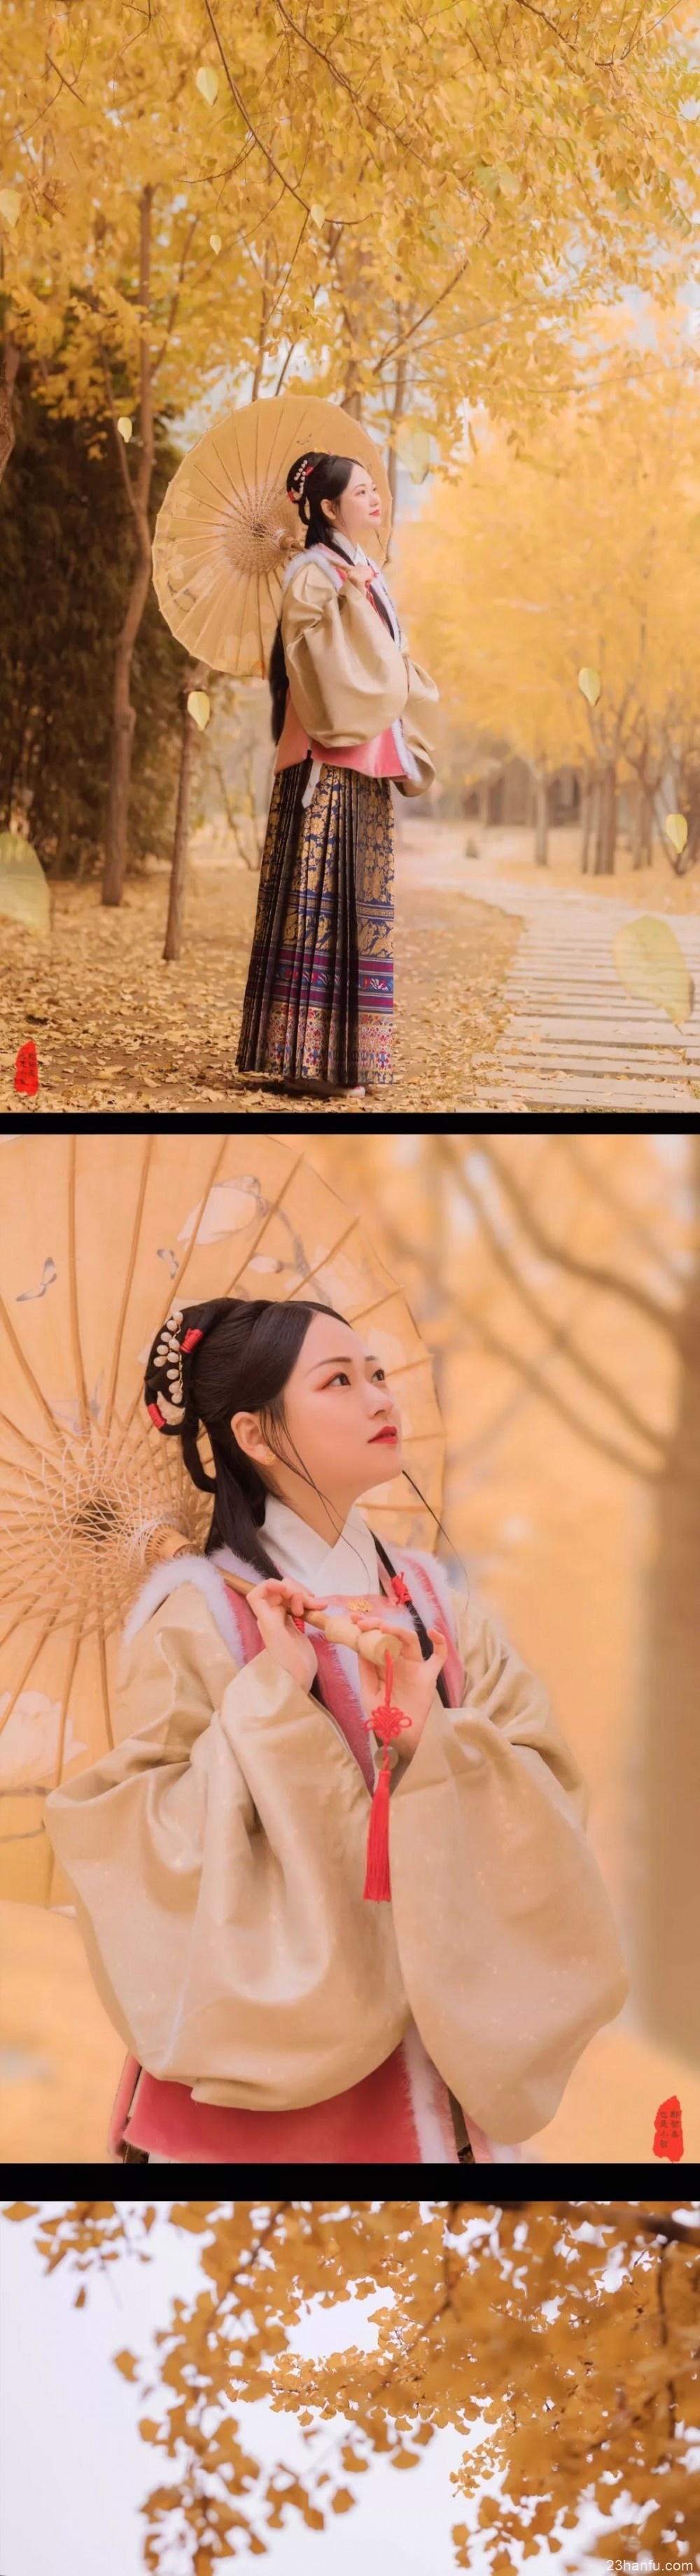 【汉服美景】秋风起,银杏翻飞遍地金